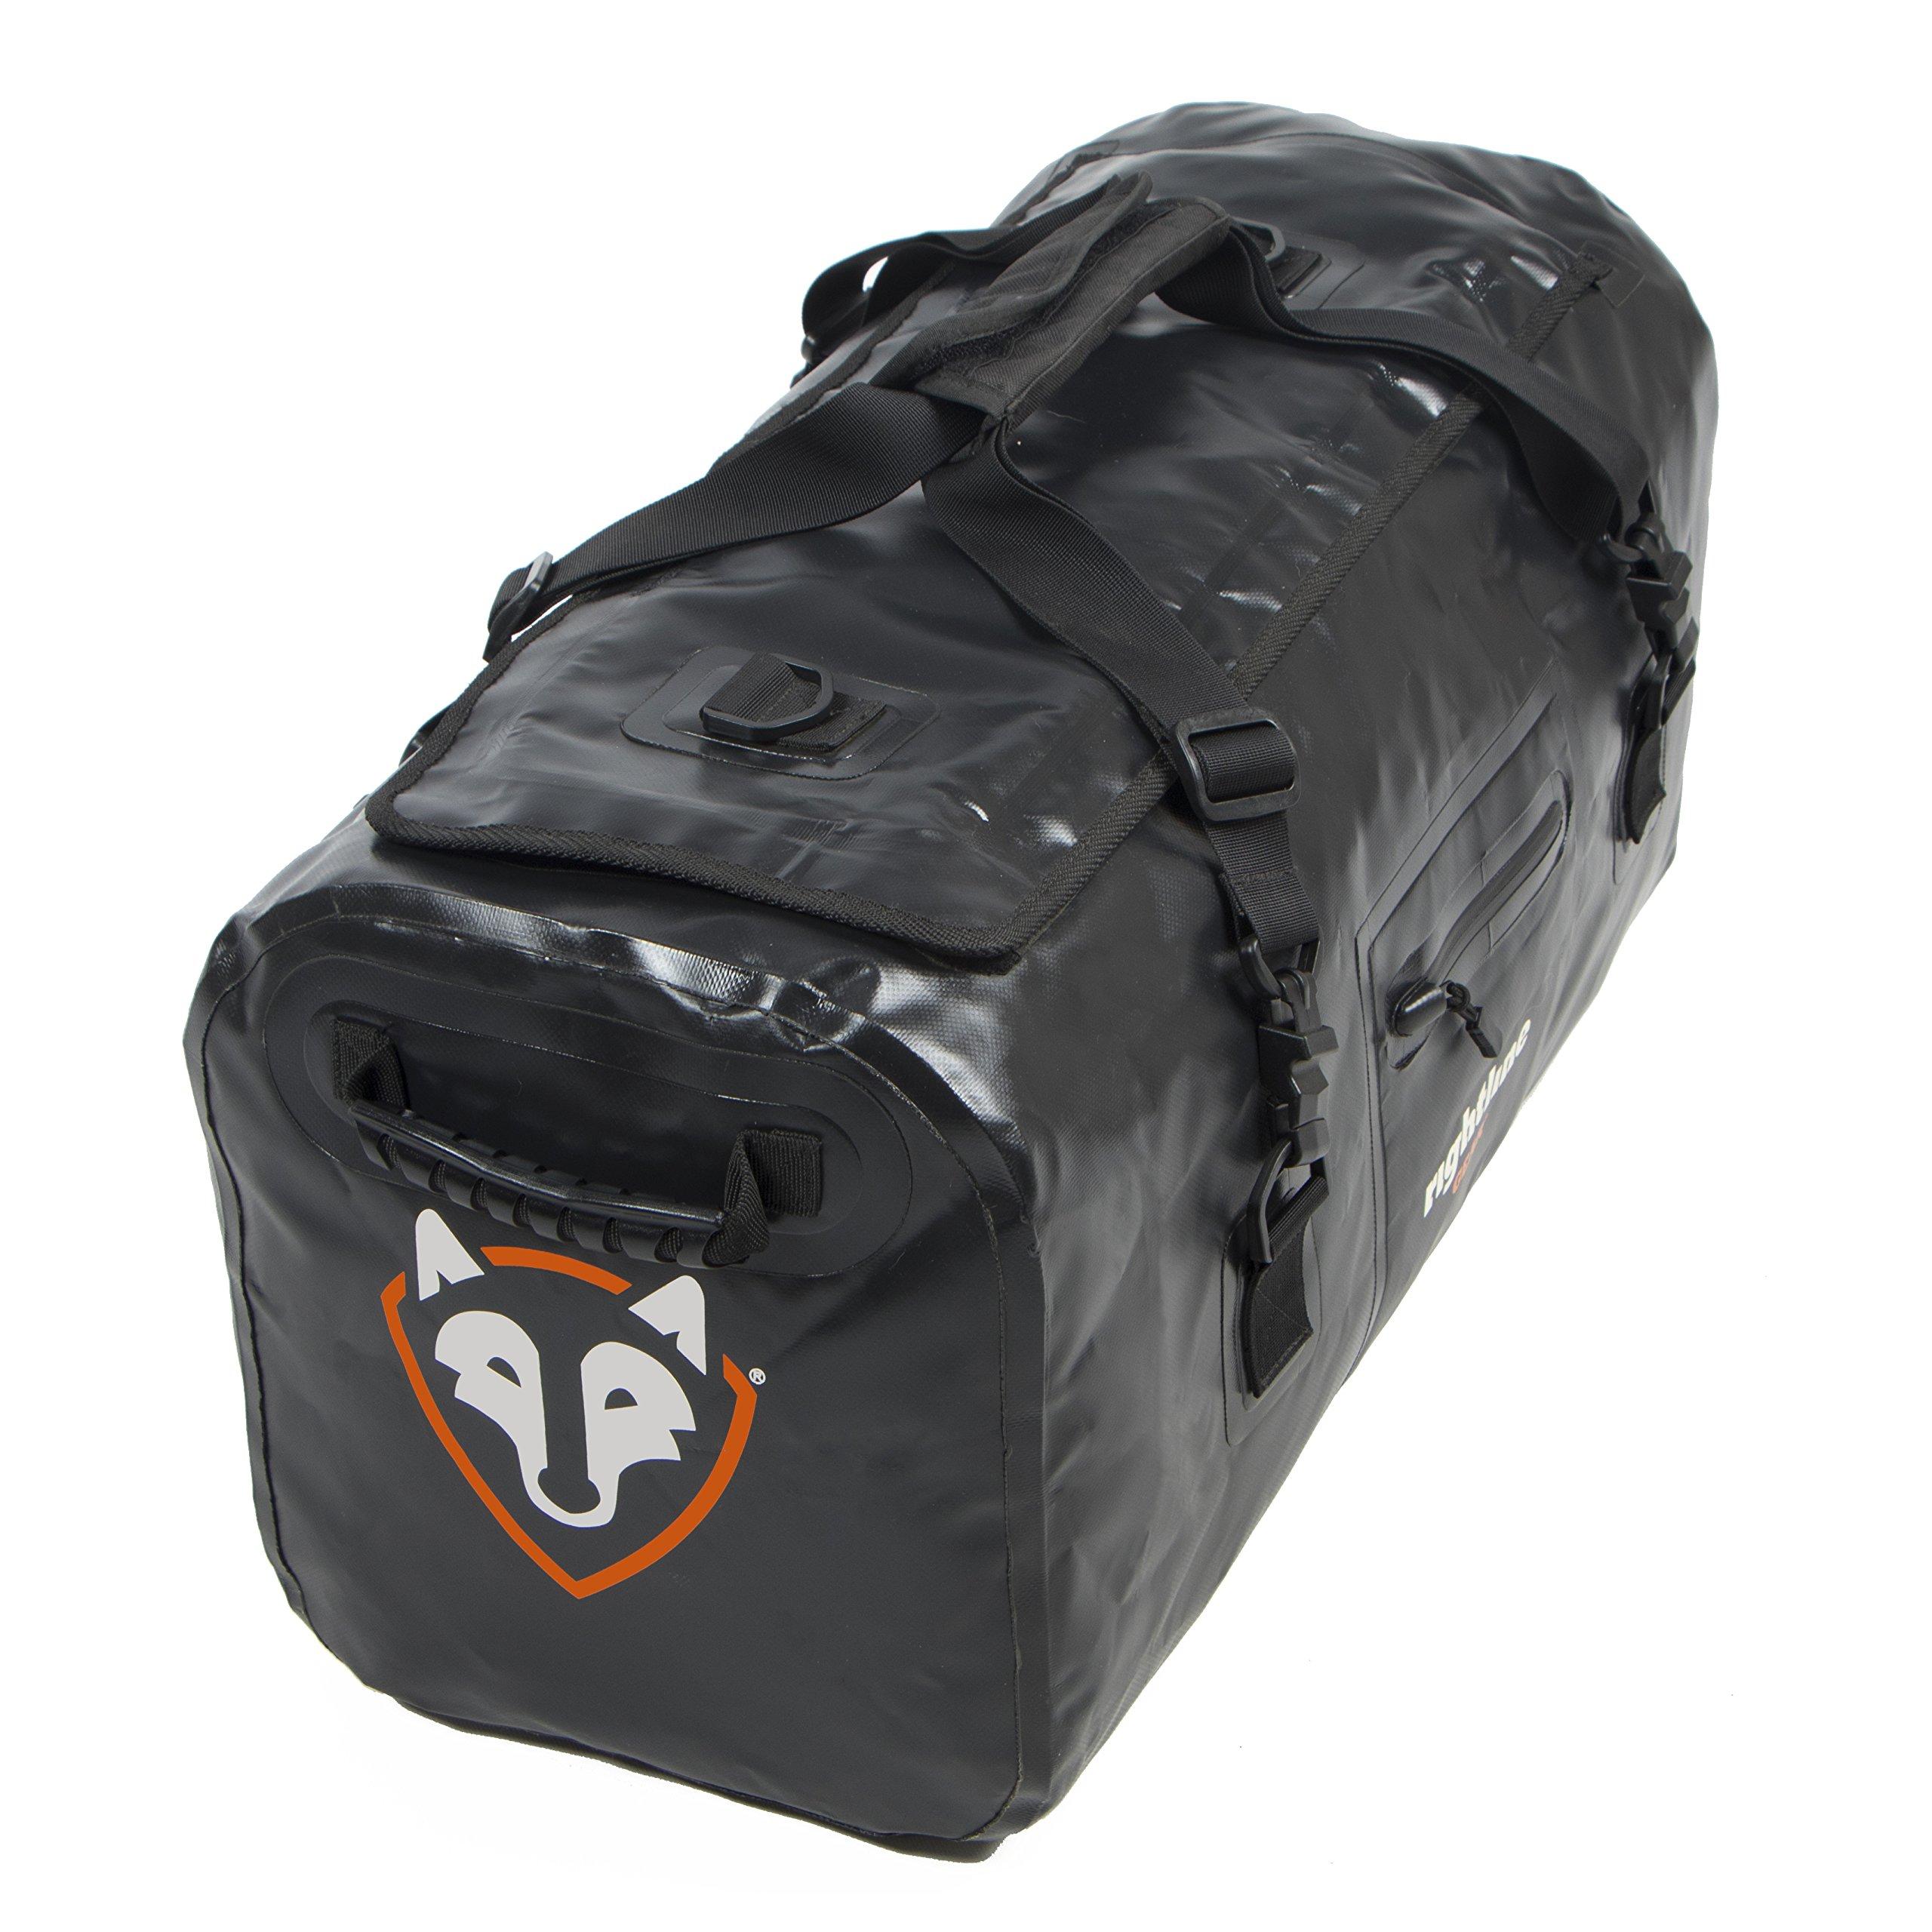 Rightline Gear 100J86-B 4x4 Duffle Bag (60L)